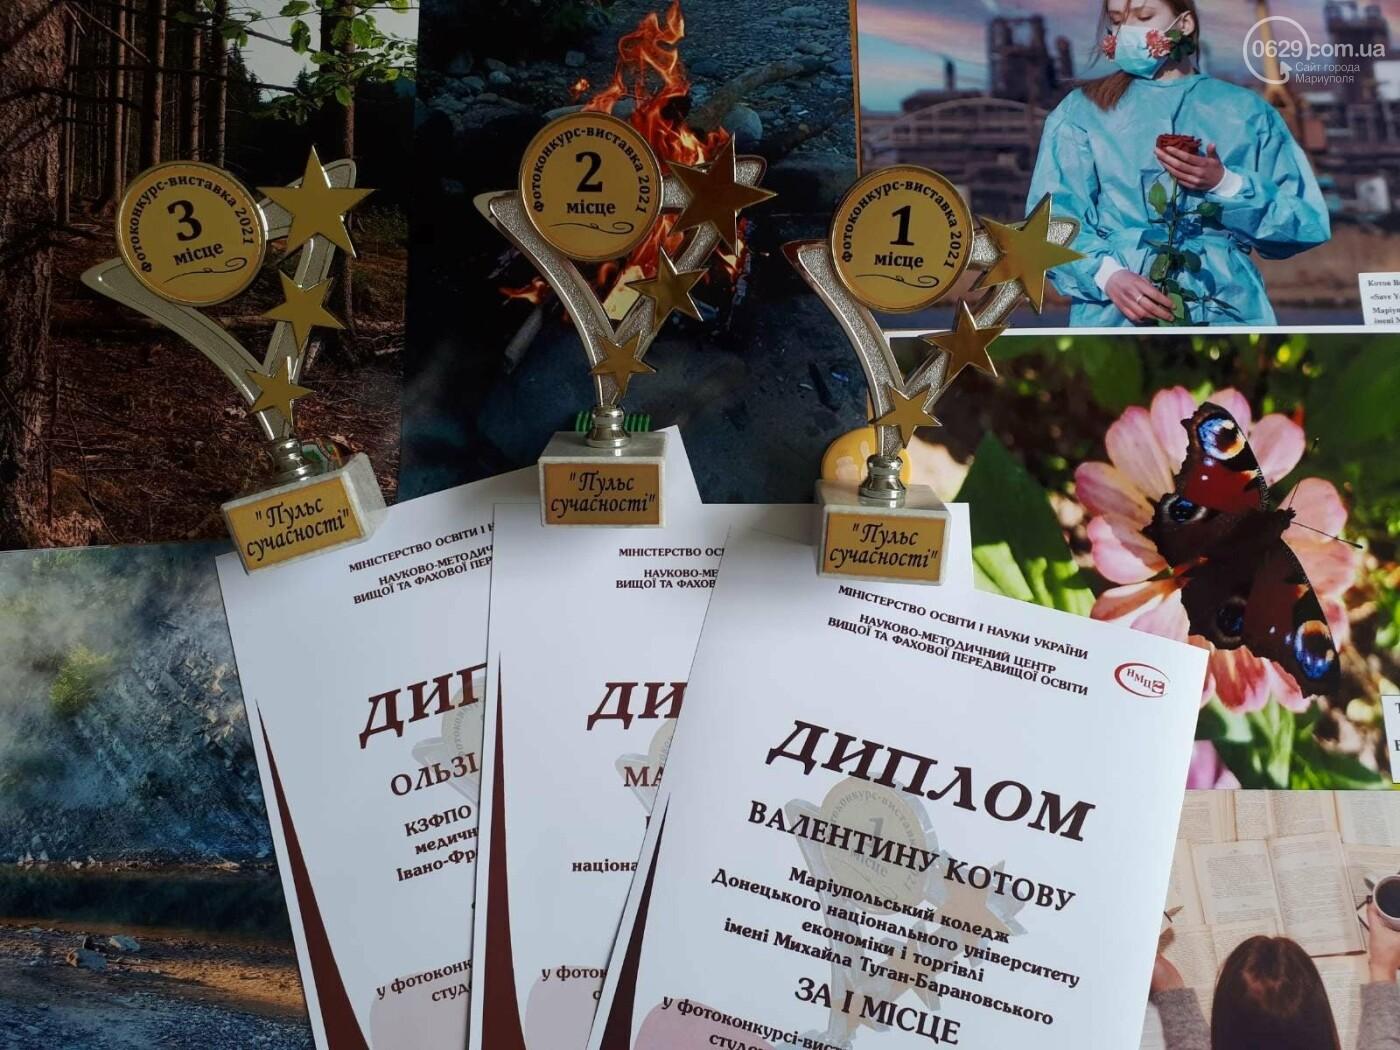 Маріупольчанка на фоні заводів виграла конкурс фотографії, - ФОТО, фото-1